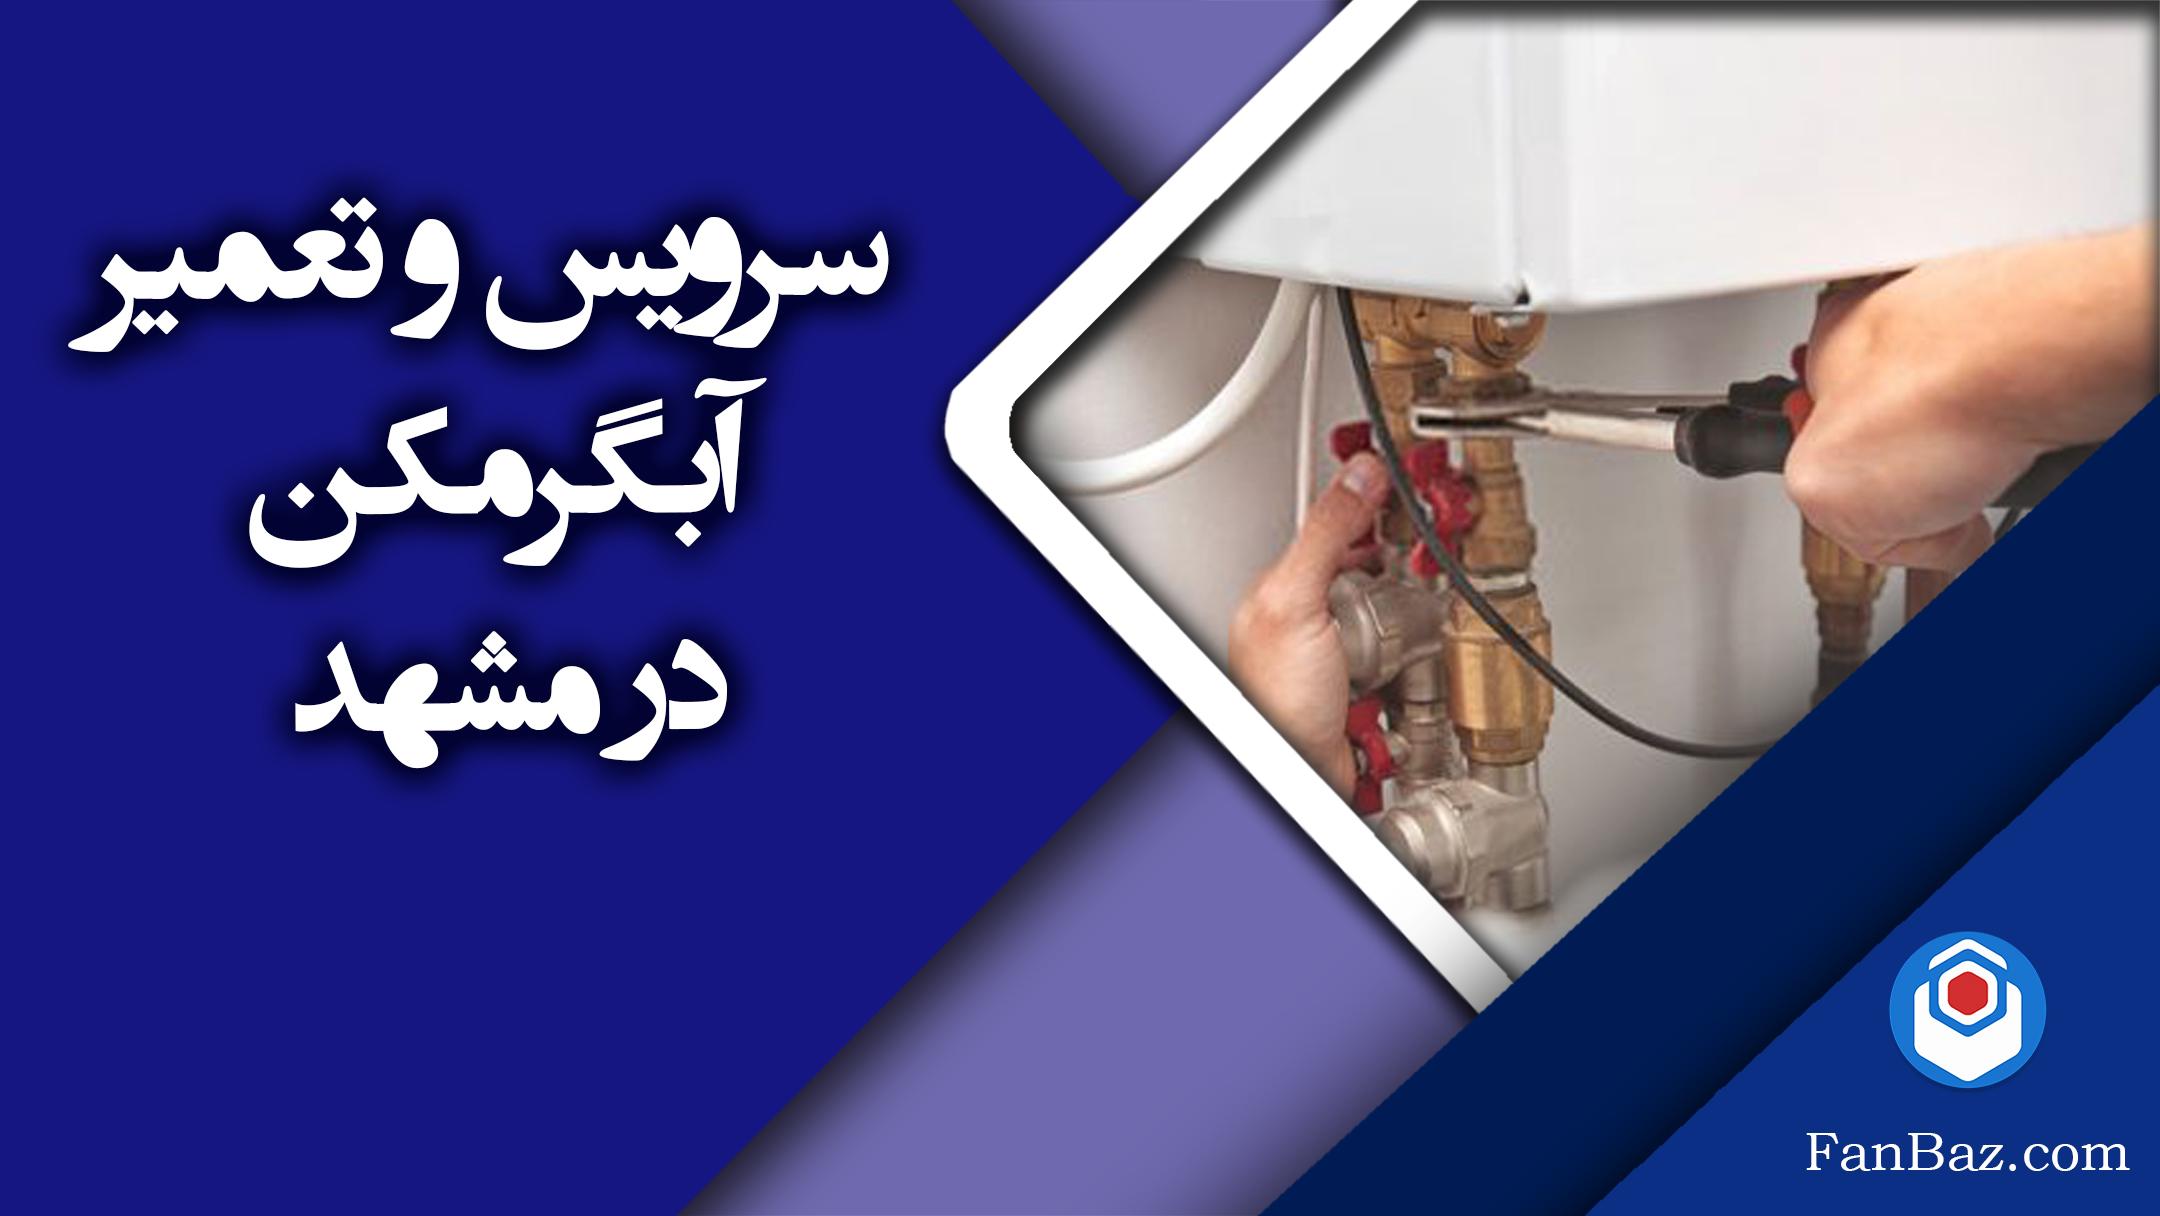 خدمات تعمیر و سرویس آبگرمکن فن باز در مشهد